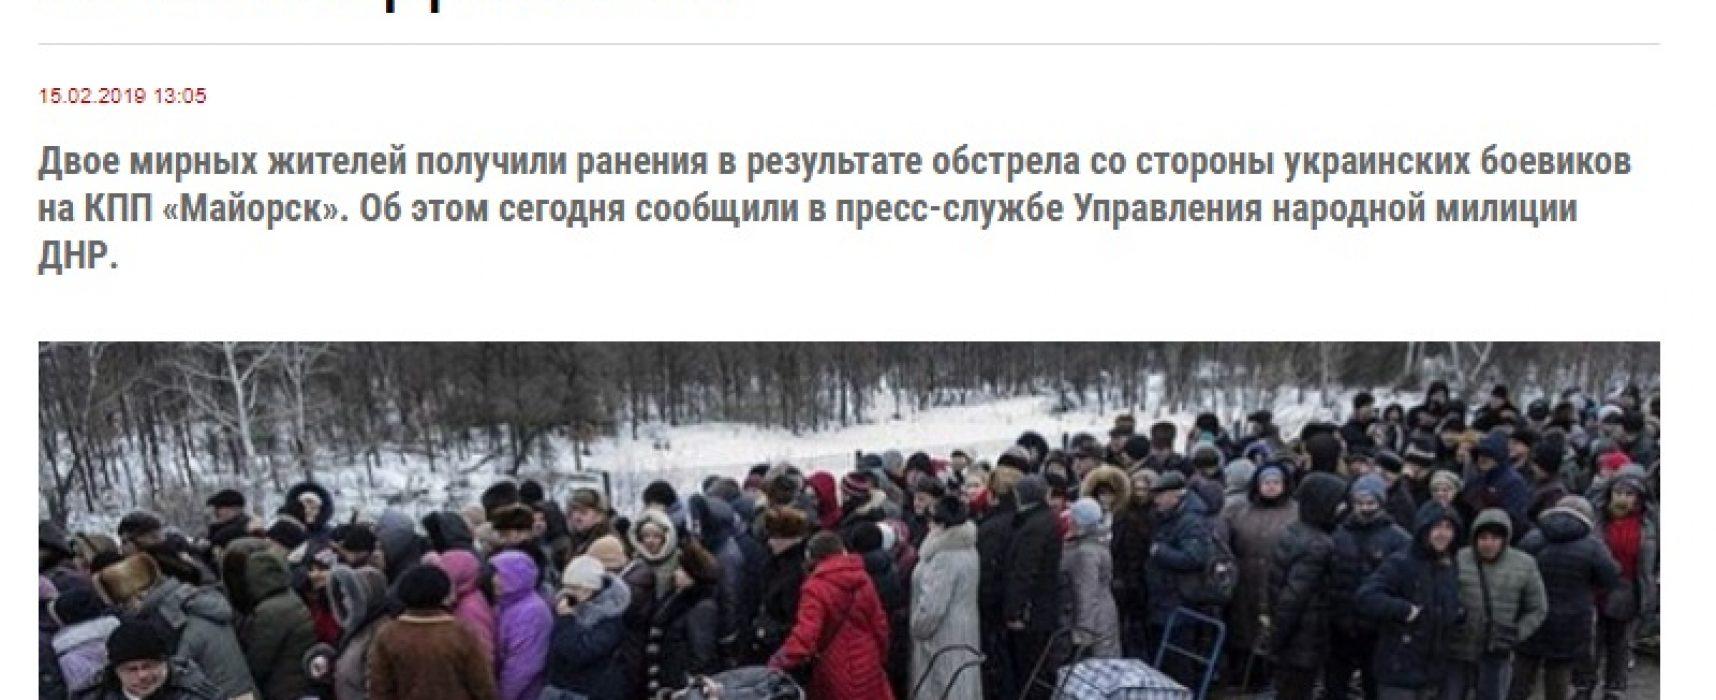 Фейк: Украинские военные расстреляли очередь на пропускном пункте на Донбассе